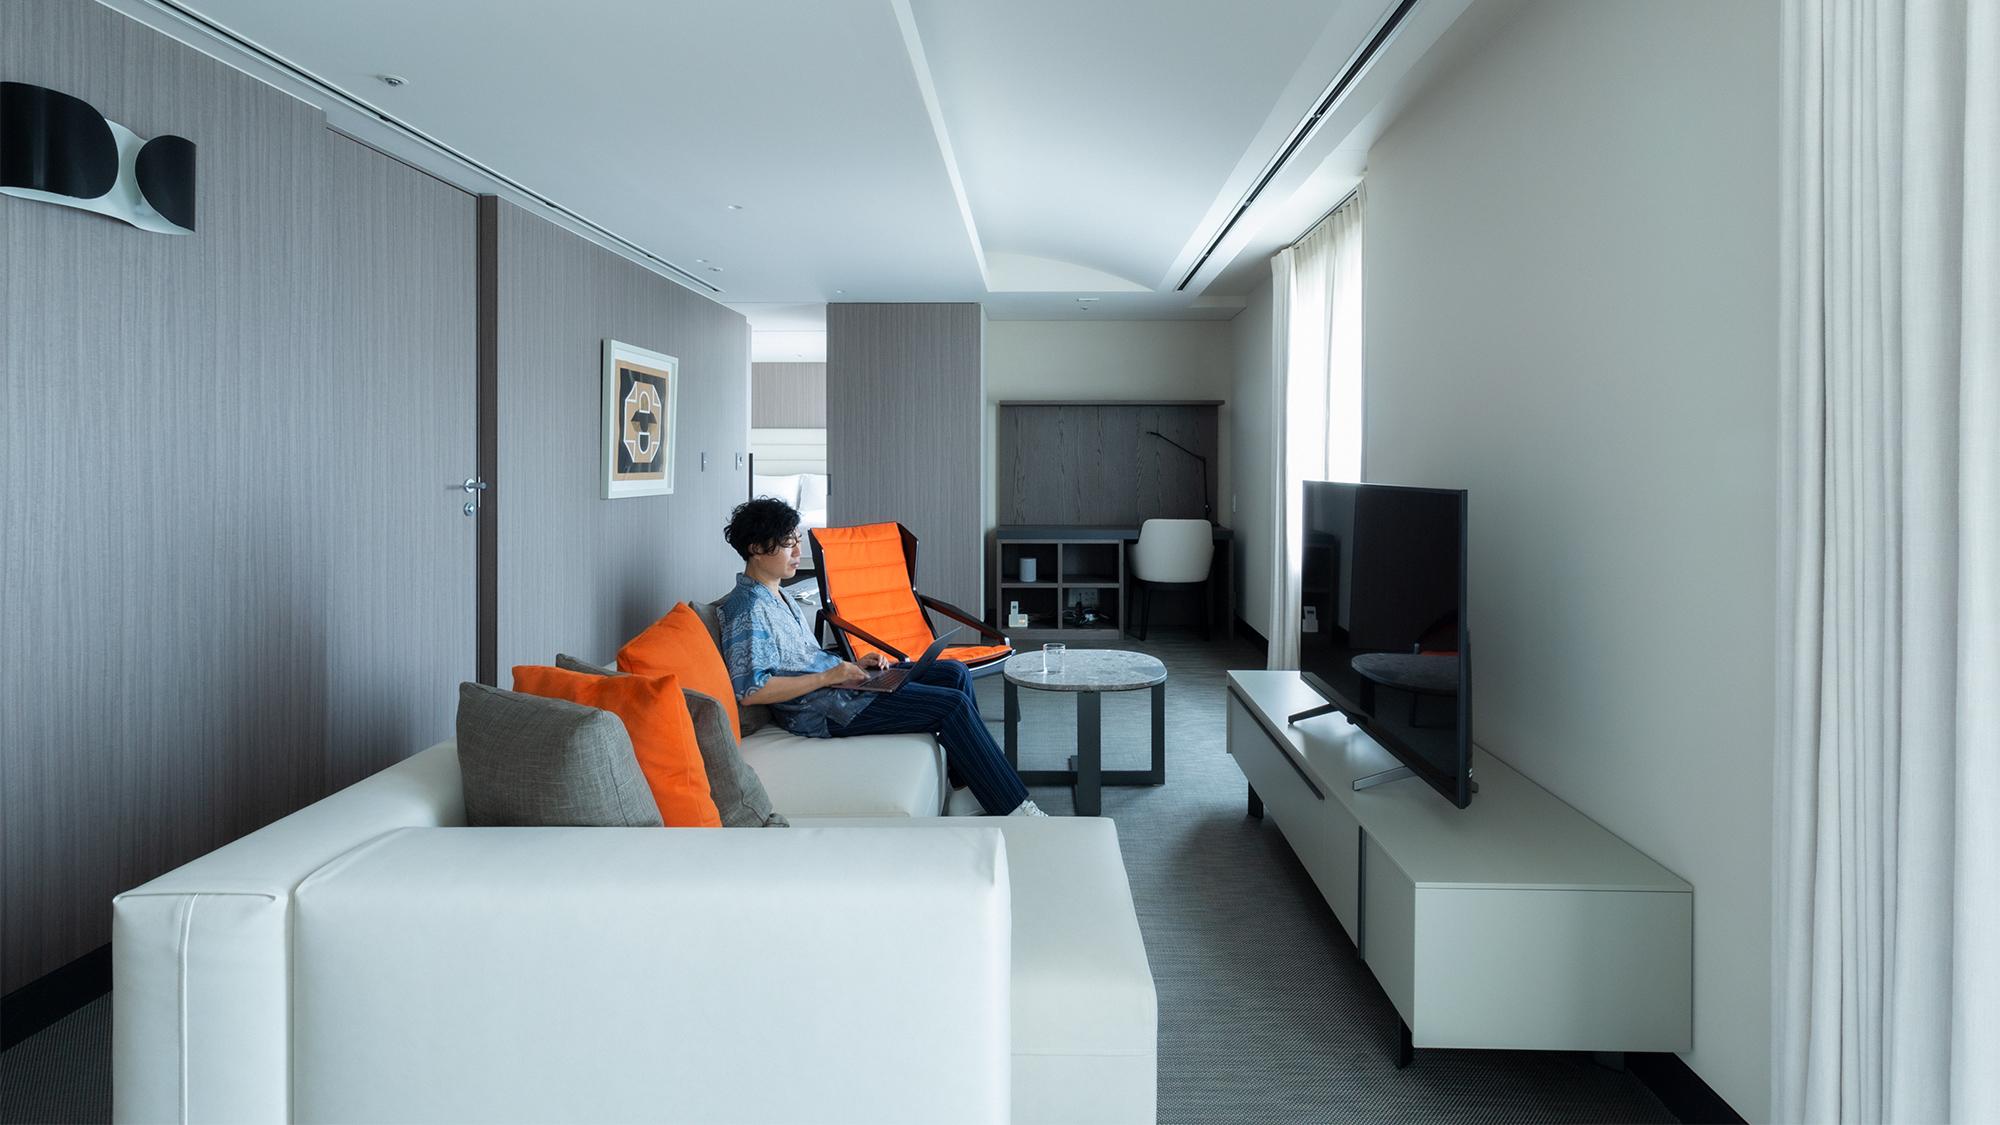 光と色とデザインの調和が生み出す居心地の良さ——六本木ヒルズ サービスアパートメント体験リポート①